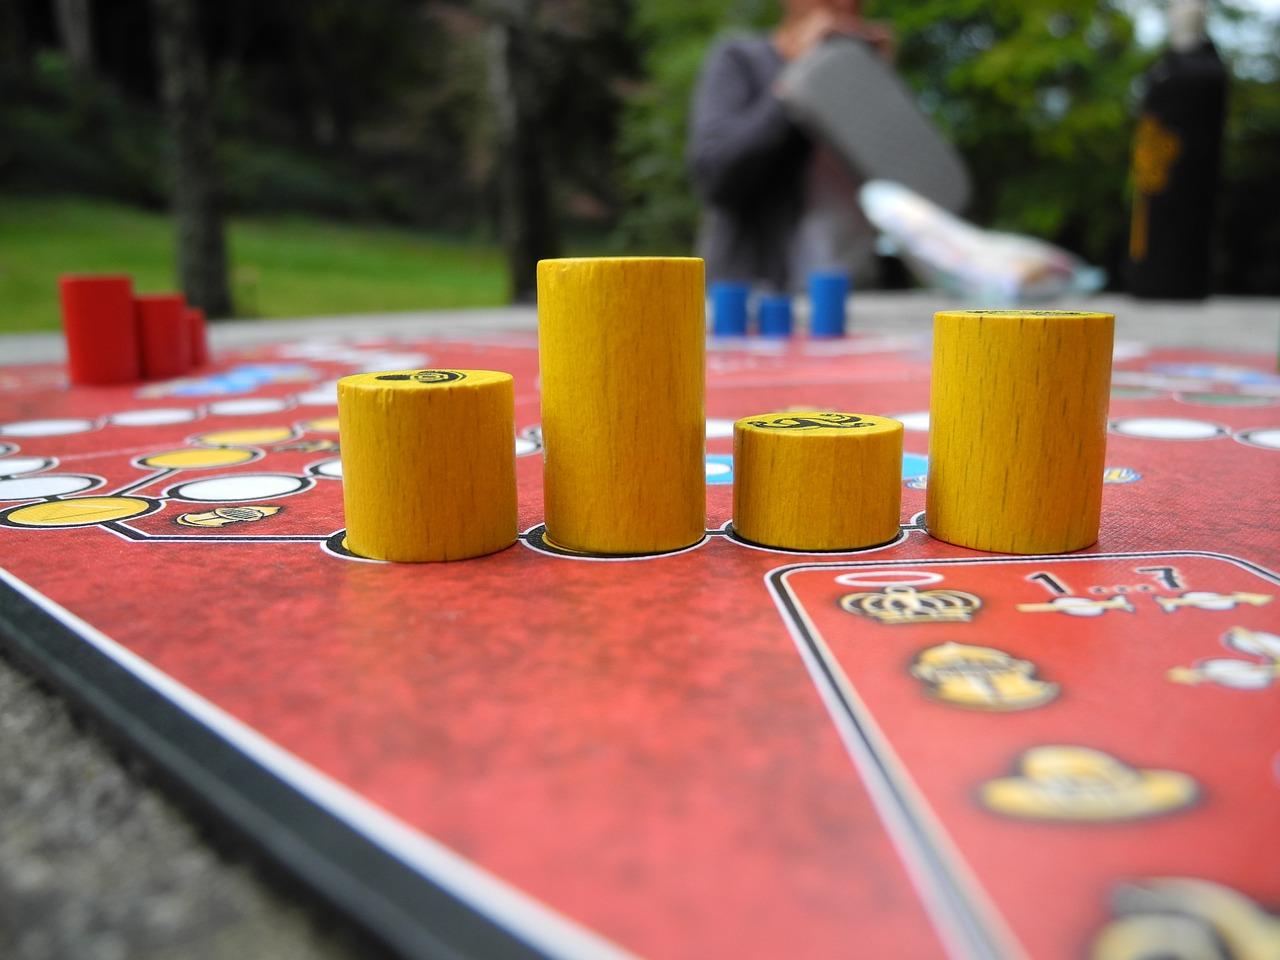 Juegos de mesa en familia